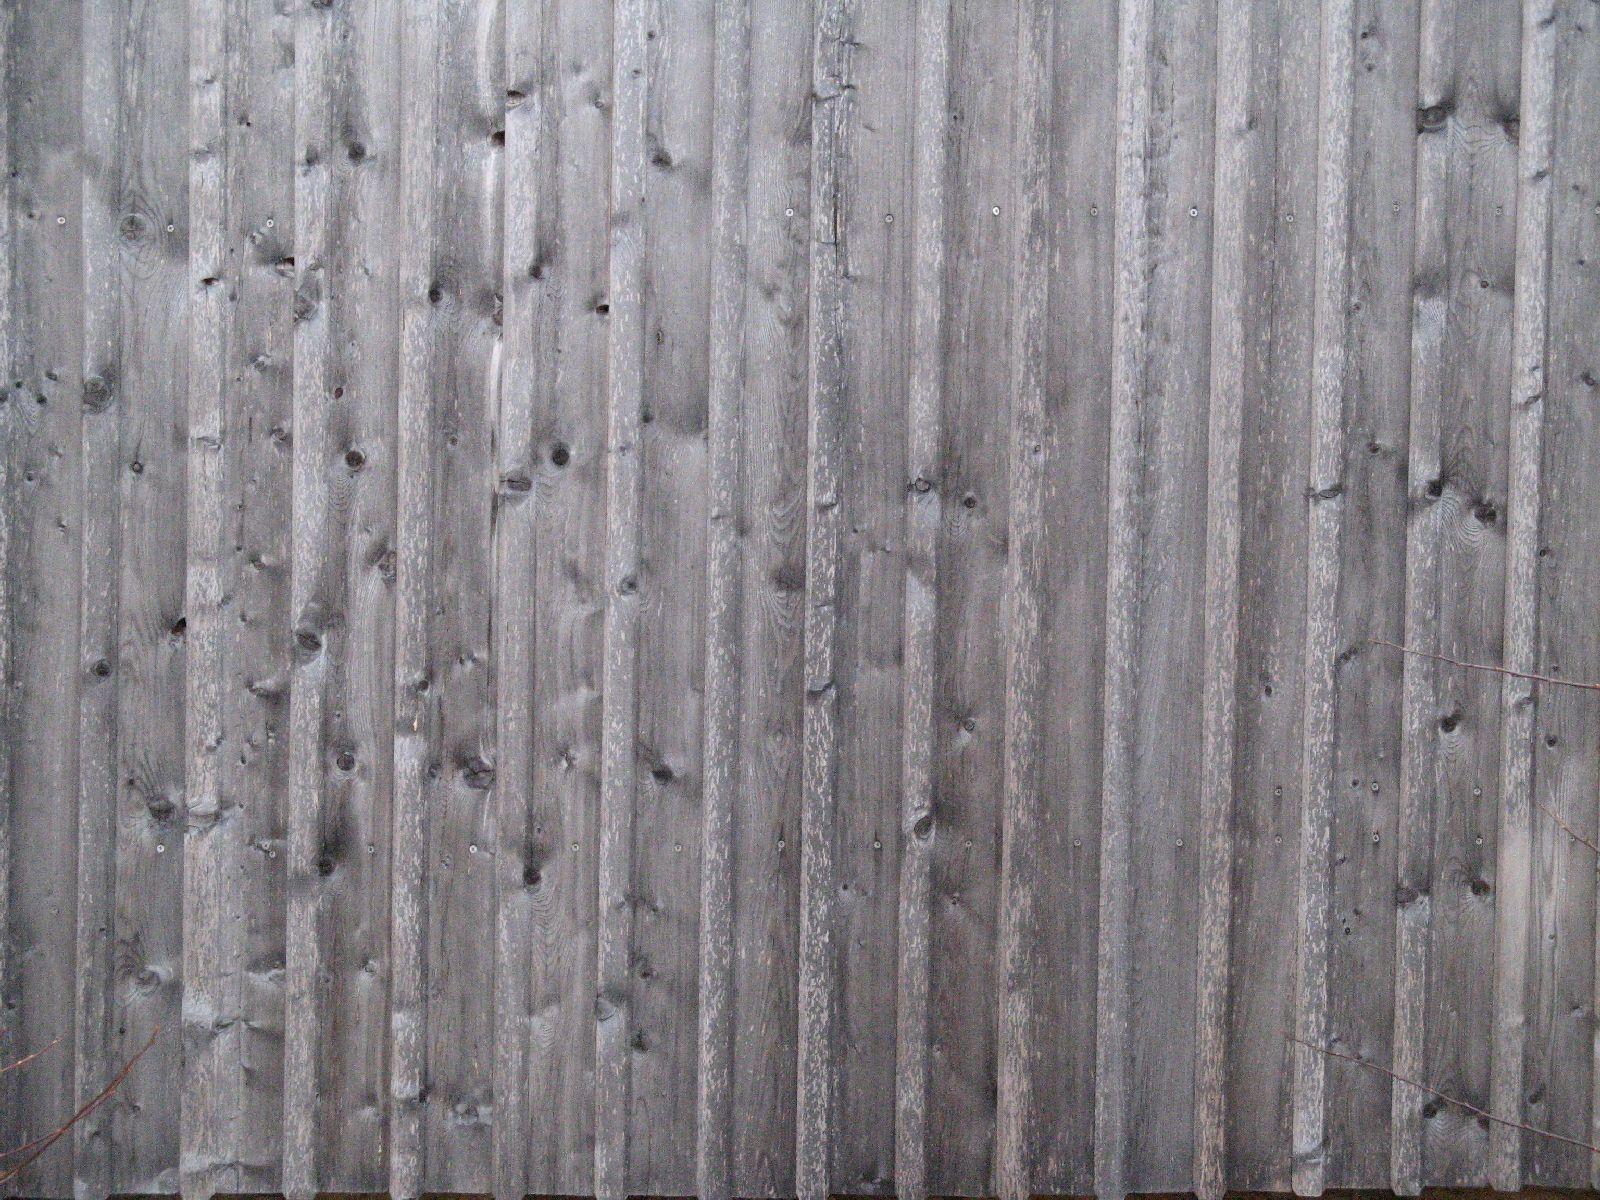 Holz_Texturs_B_5631